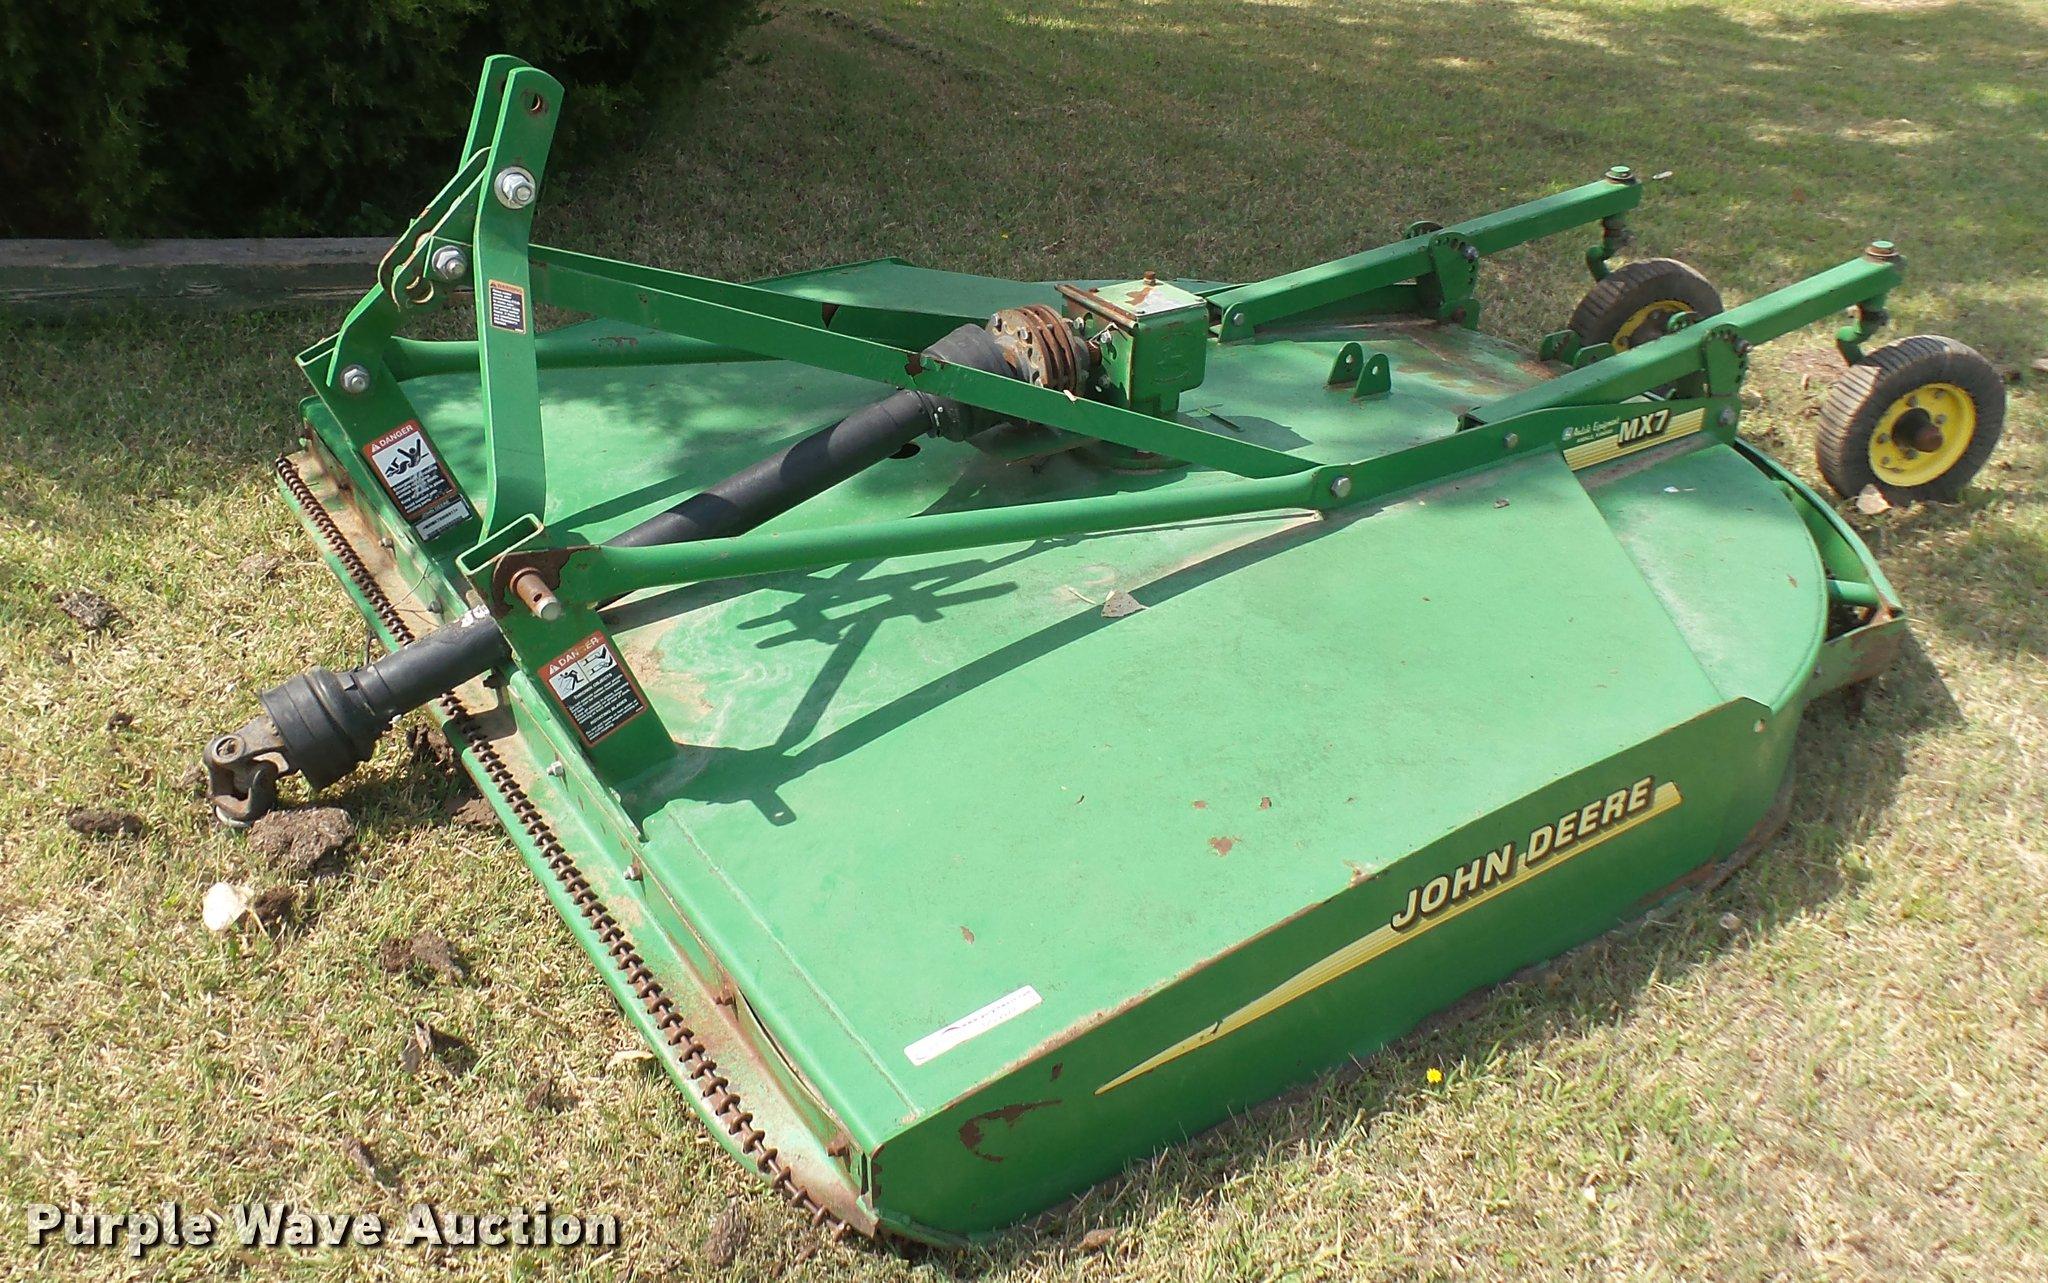 John Deere MX7 rotary mower | Item DO9977 | SOLD! September